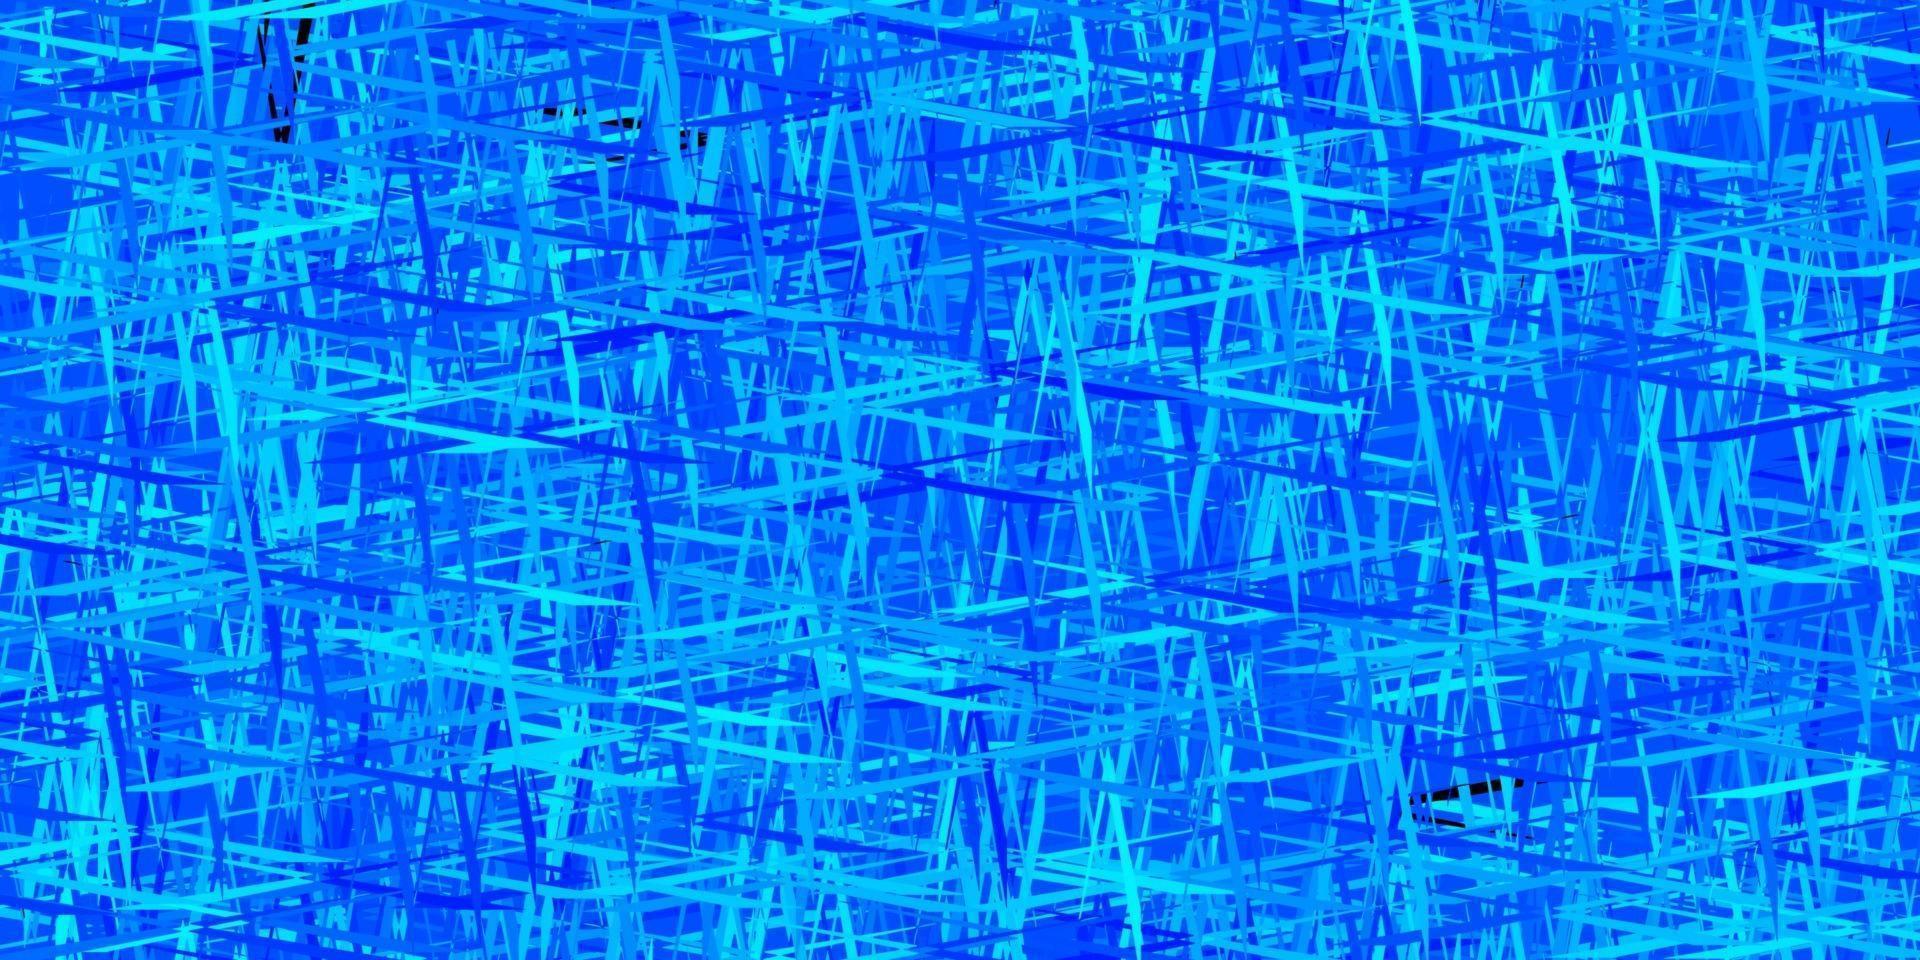 texture de vecteur bleu foncé, rouge avec des lignes colorées.